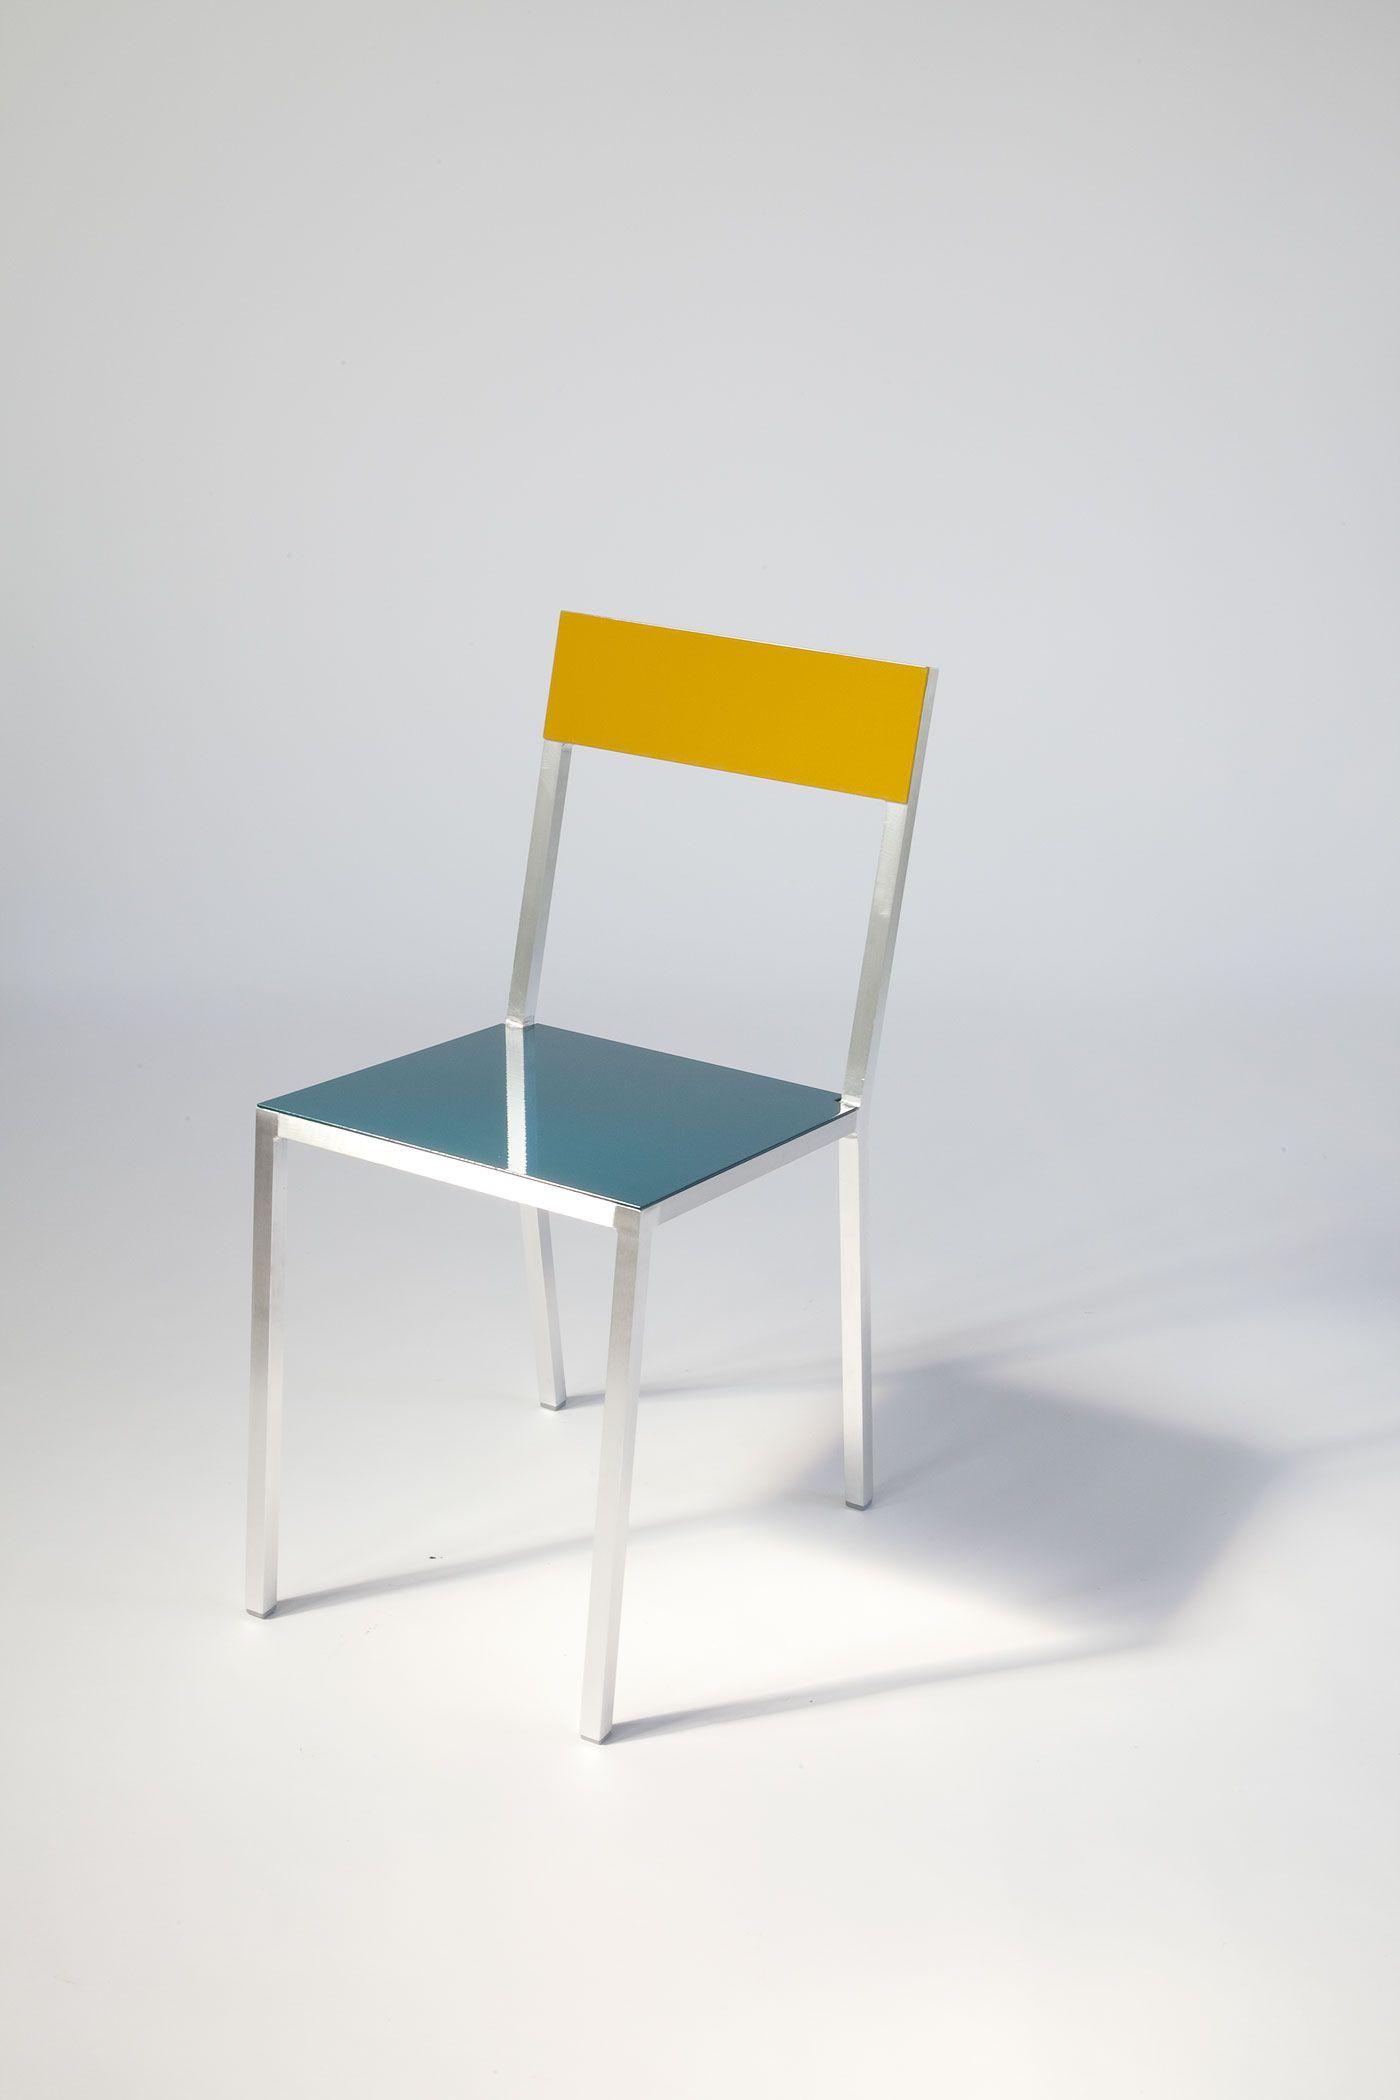 mullervanseveren_chair2_9